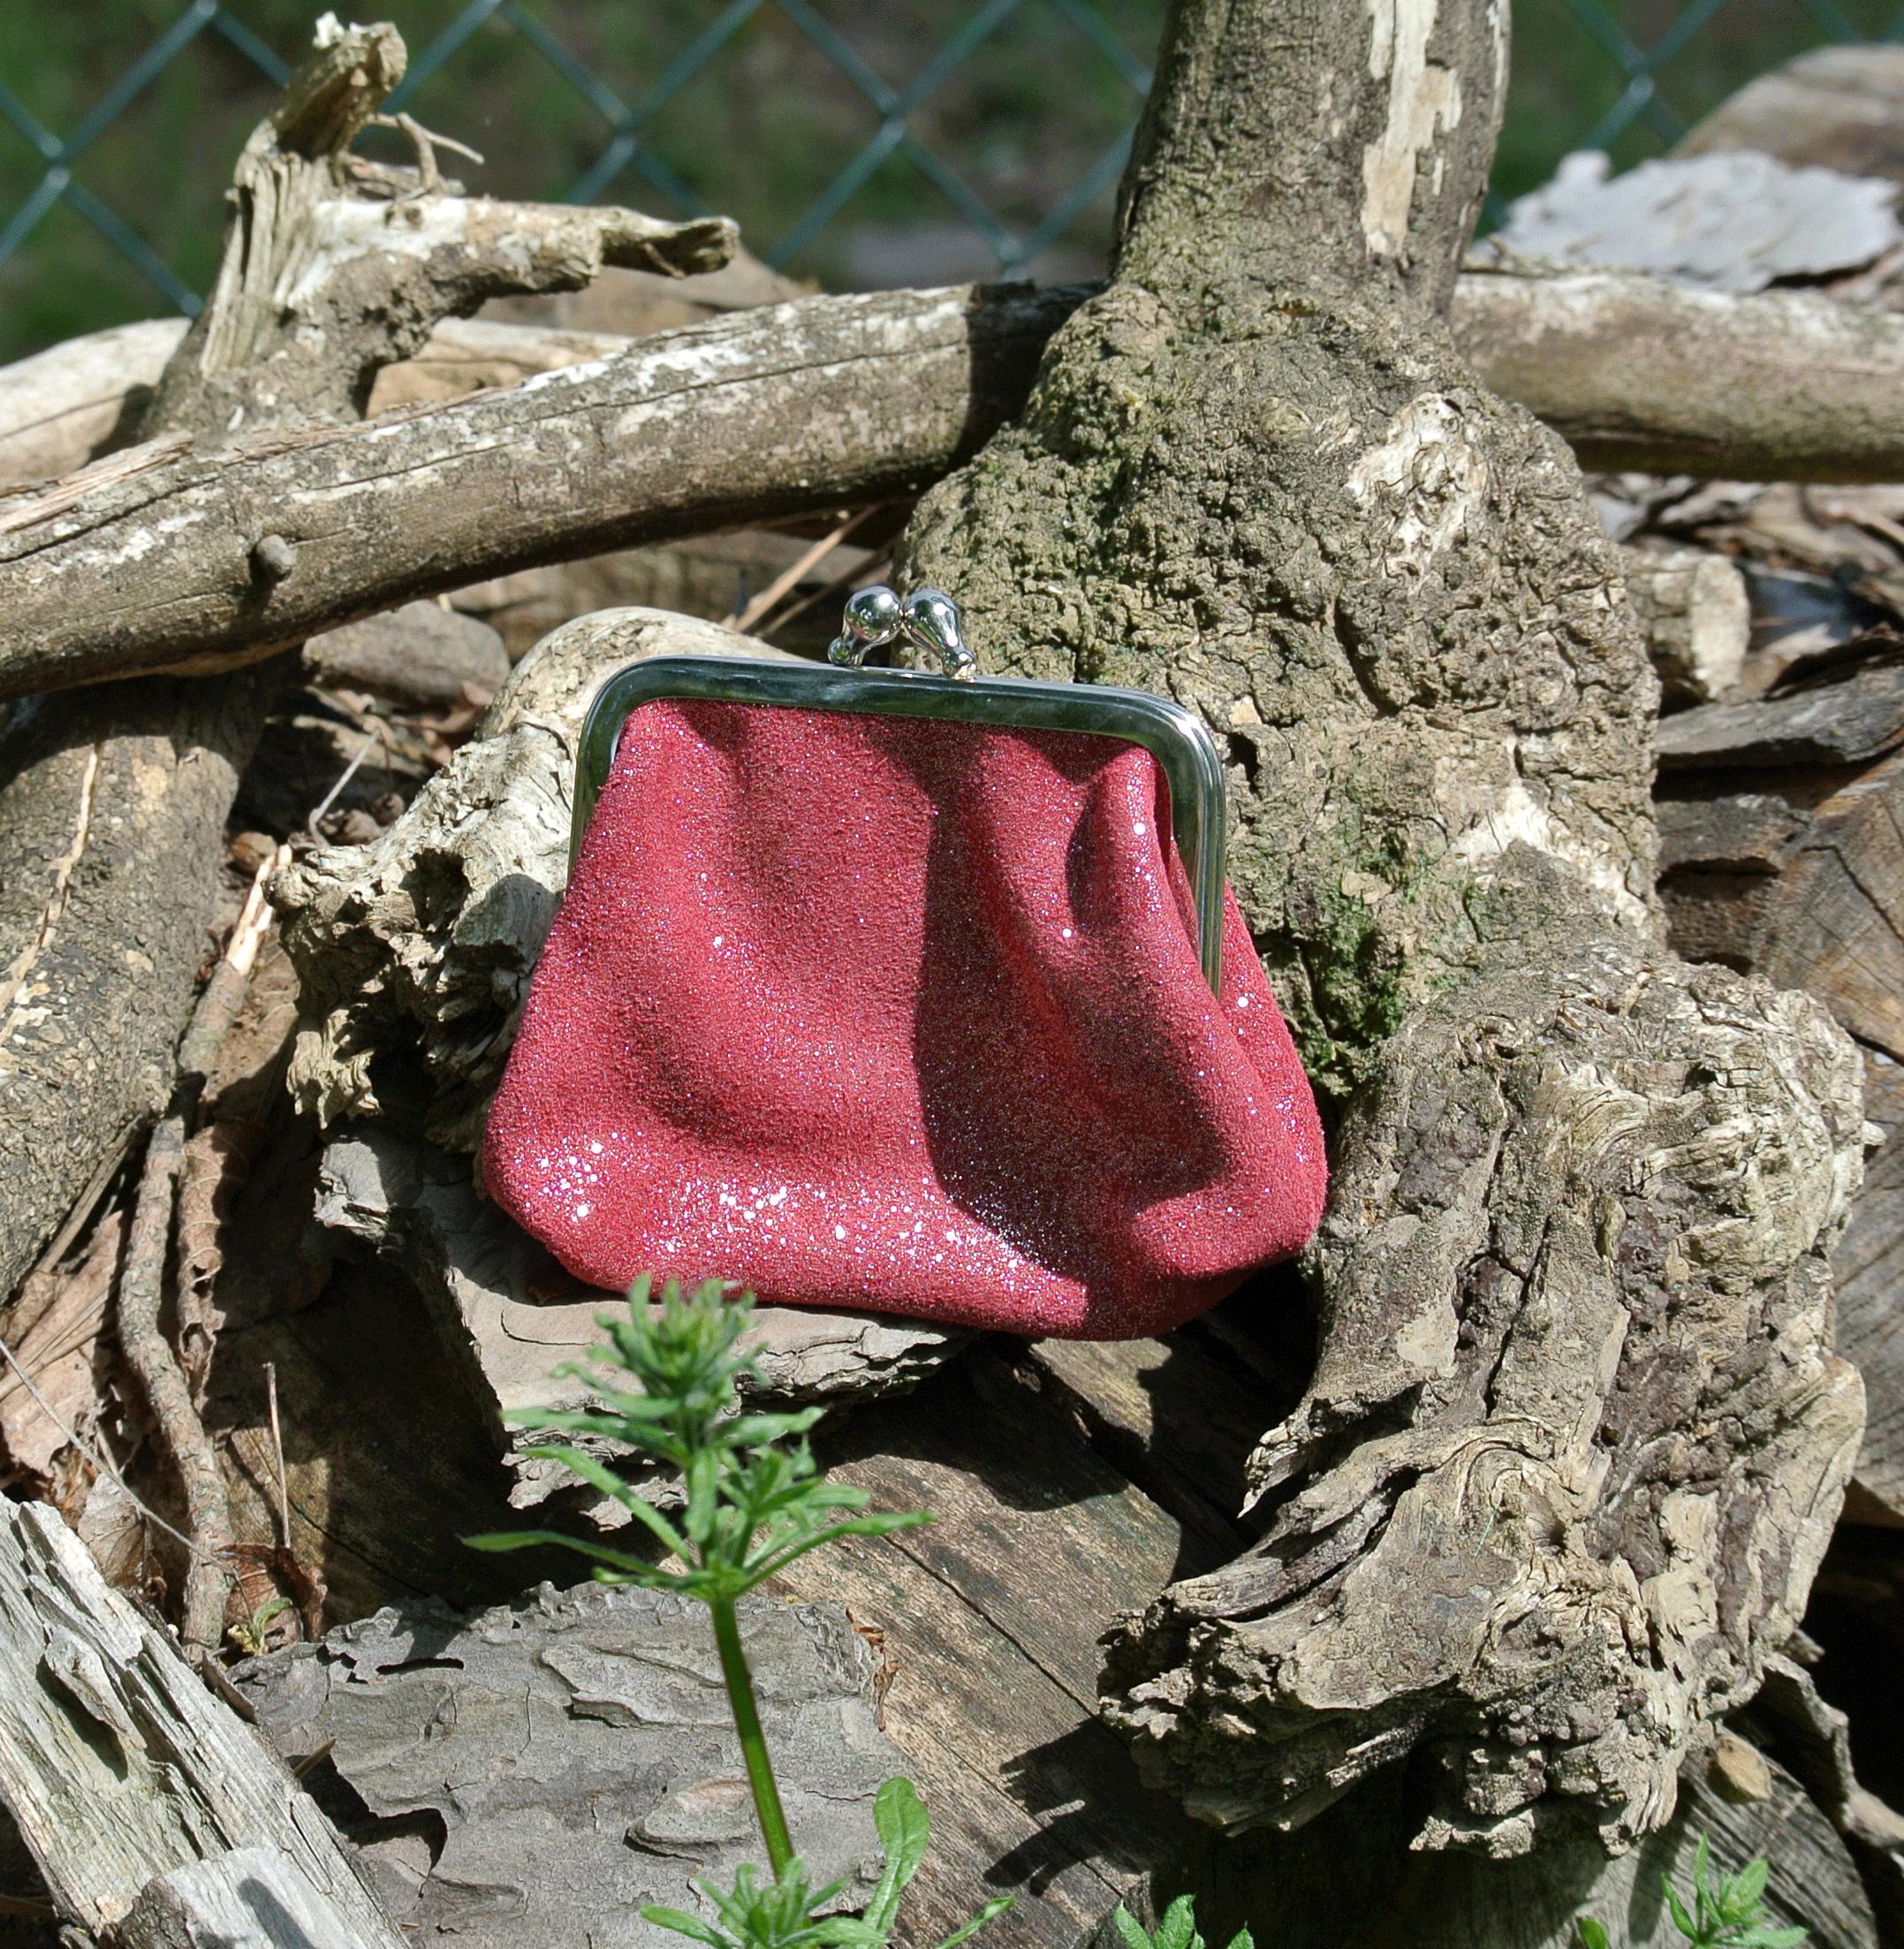 la-cartabliere-fabrique-en-france-made-in-france-porte-monnaie-reine-en-cuir-paillete-rouge-tagada